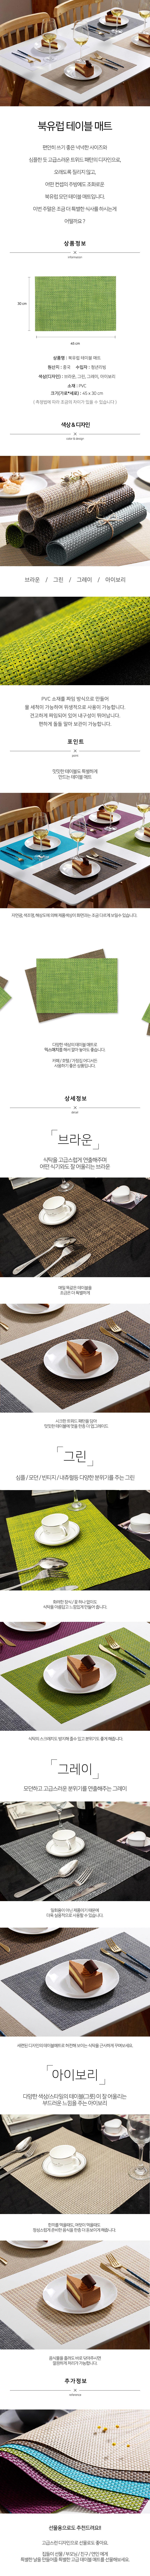 북유럽 식탁 테이블매트 - 청년리빙, 6,900원, 매트, PVC매트